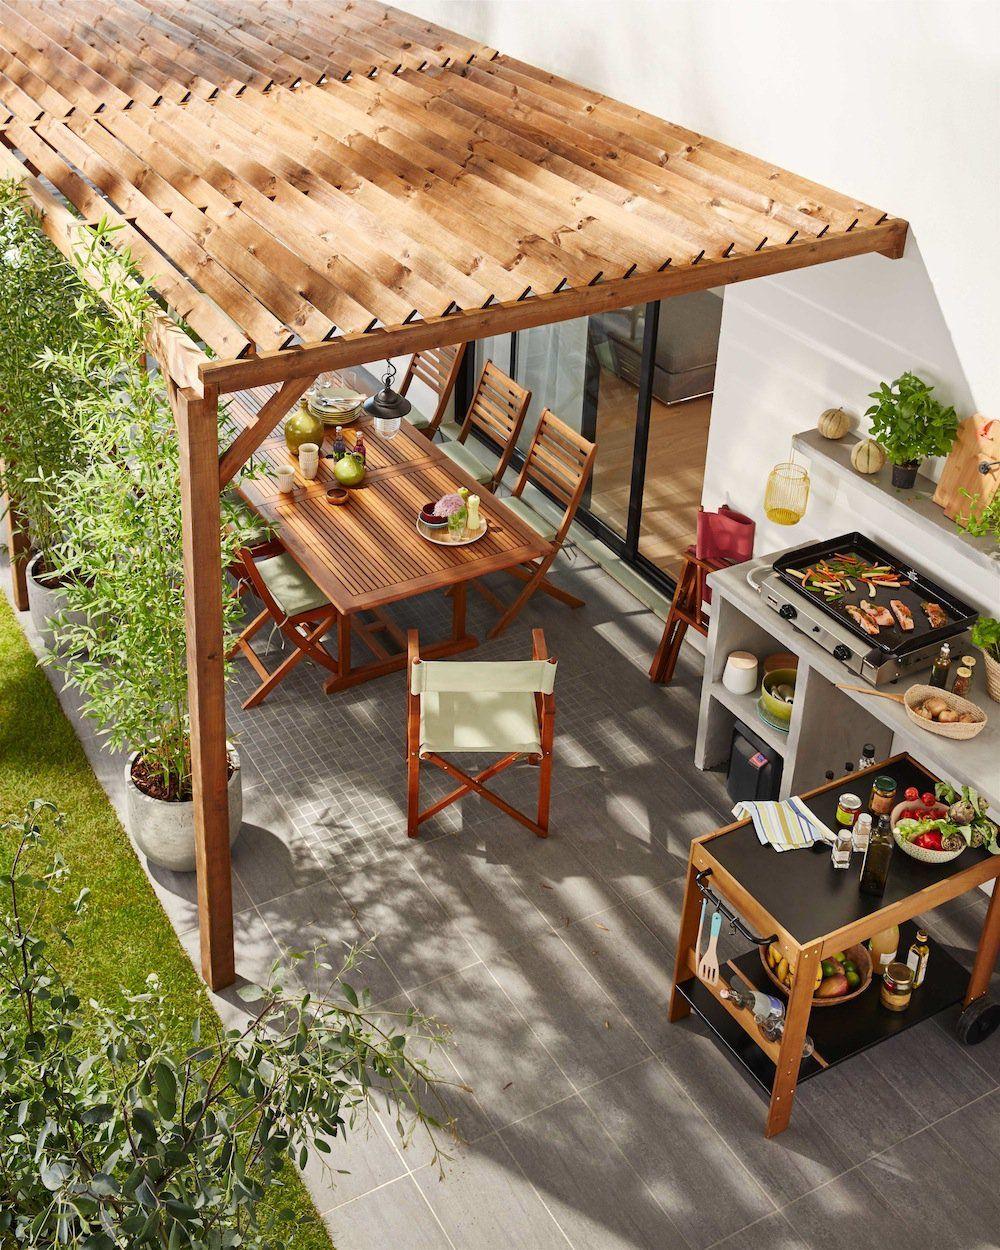 Quel Type De Cuisine Privilegier Pour Une Cuisine Exterieure Pergola Idees Pergola Amenagement Jardin